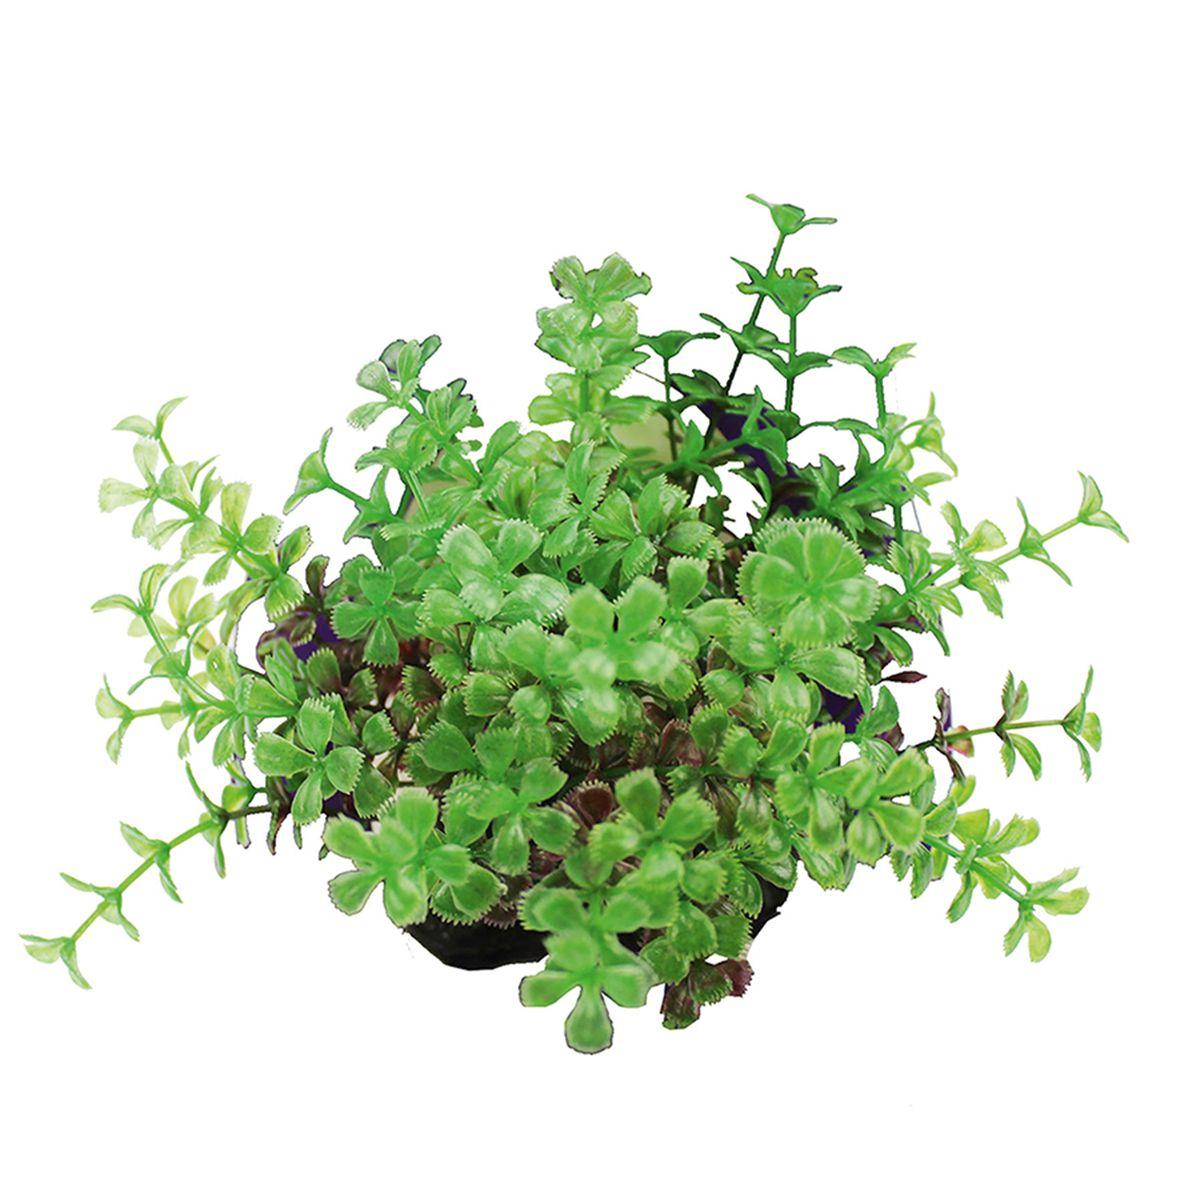 Растение для аквариума ArtUniq Прозерпинака красно-зеленая, высота 10-12 смART-1192111Растение для аквариума ArtUniq Прозерпинака красно-зеленая, высота 10-12 см